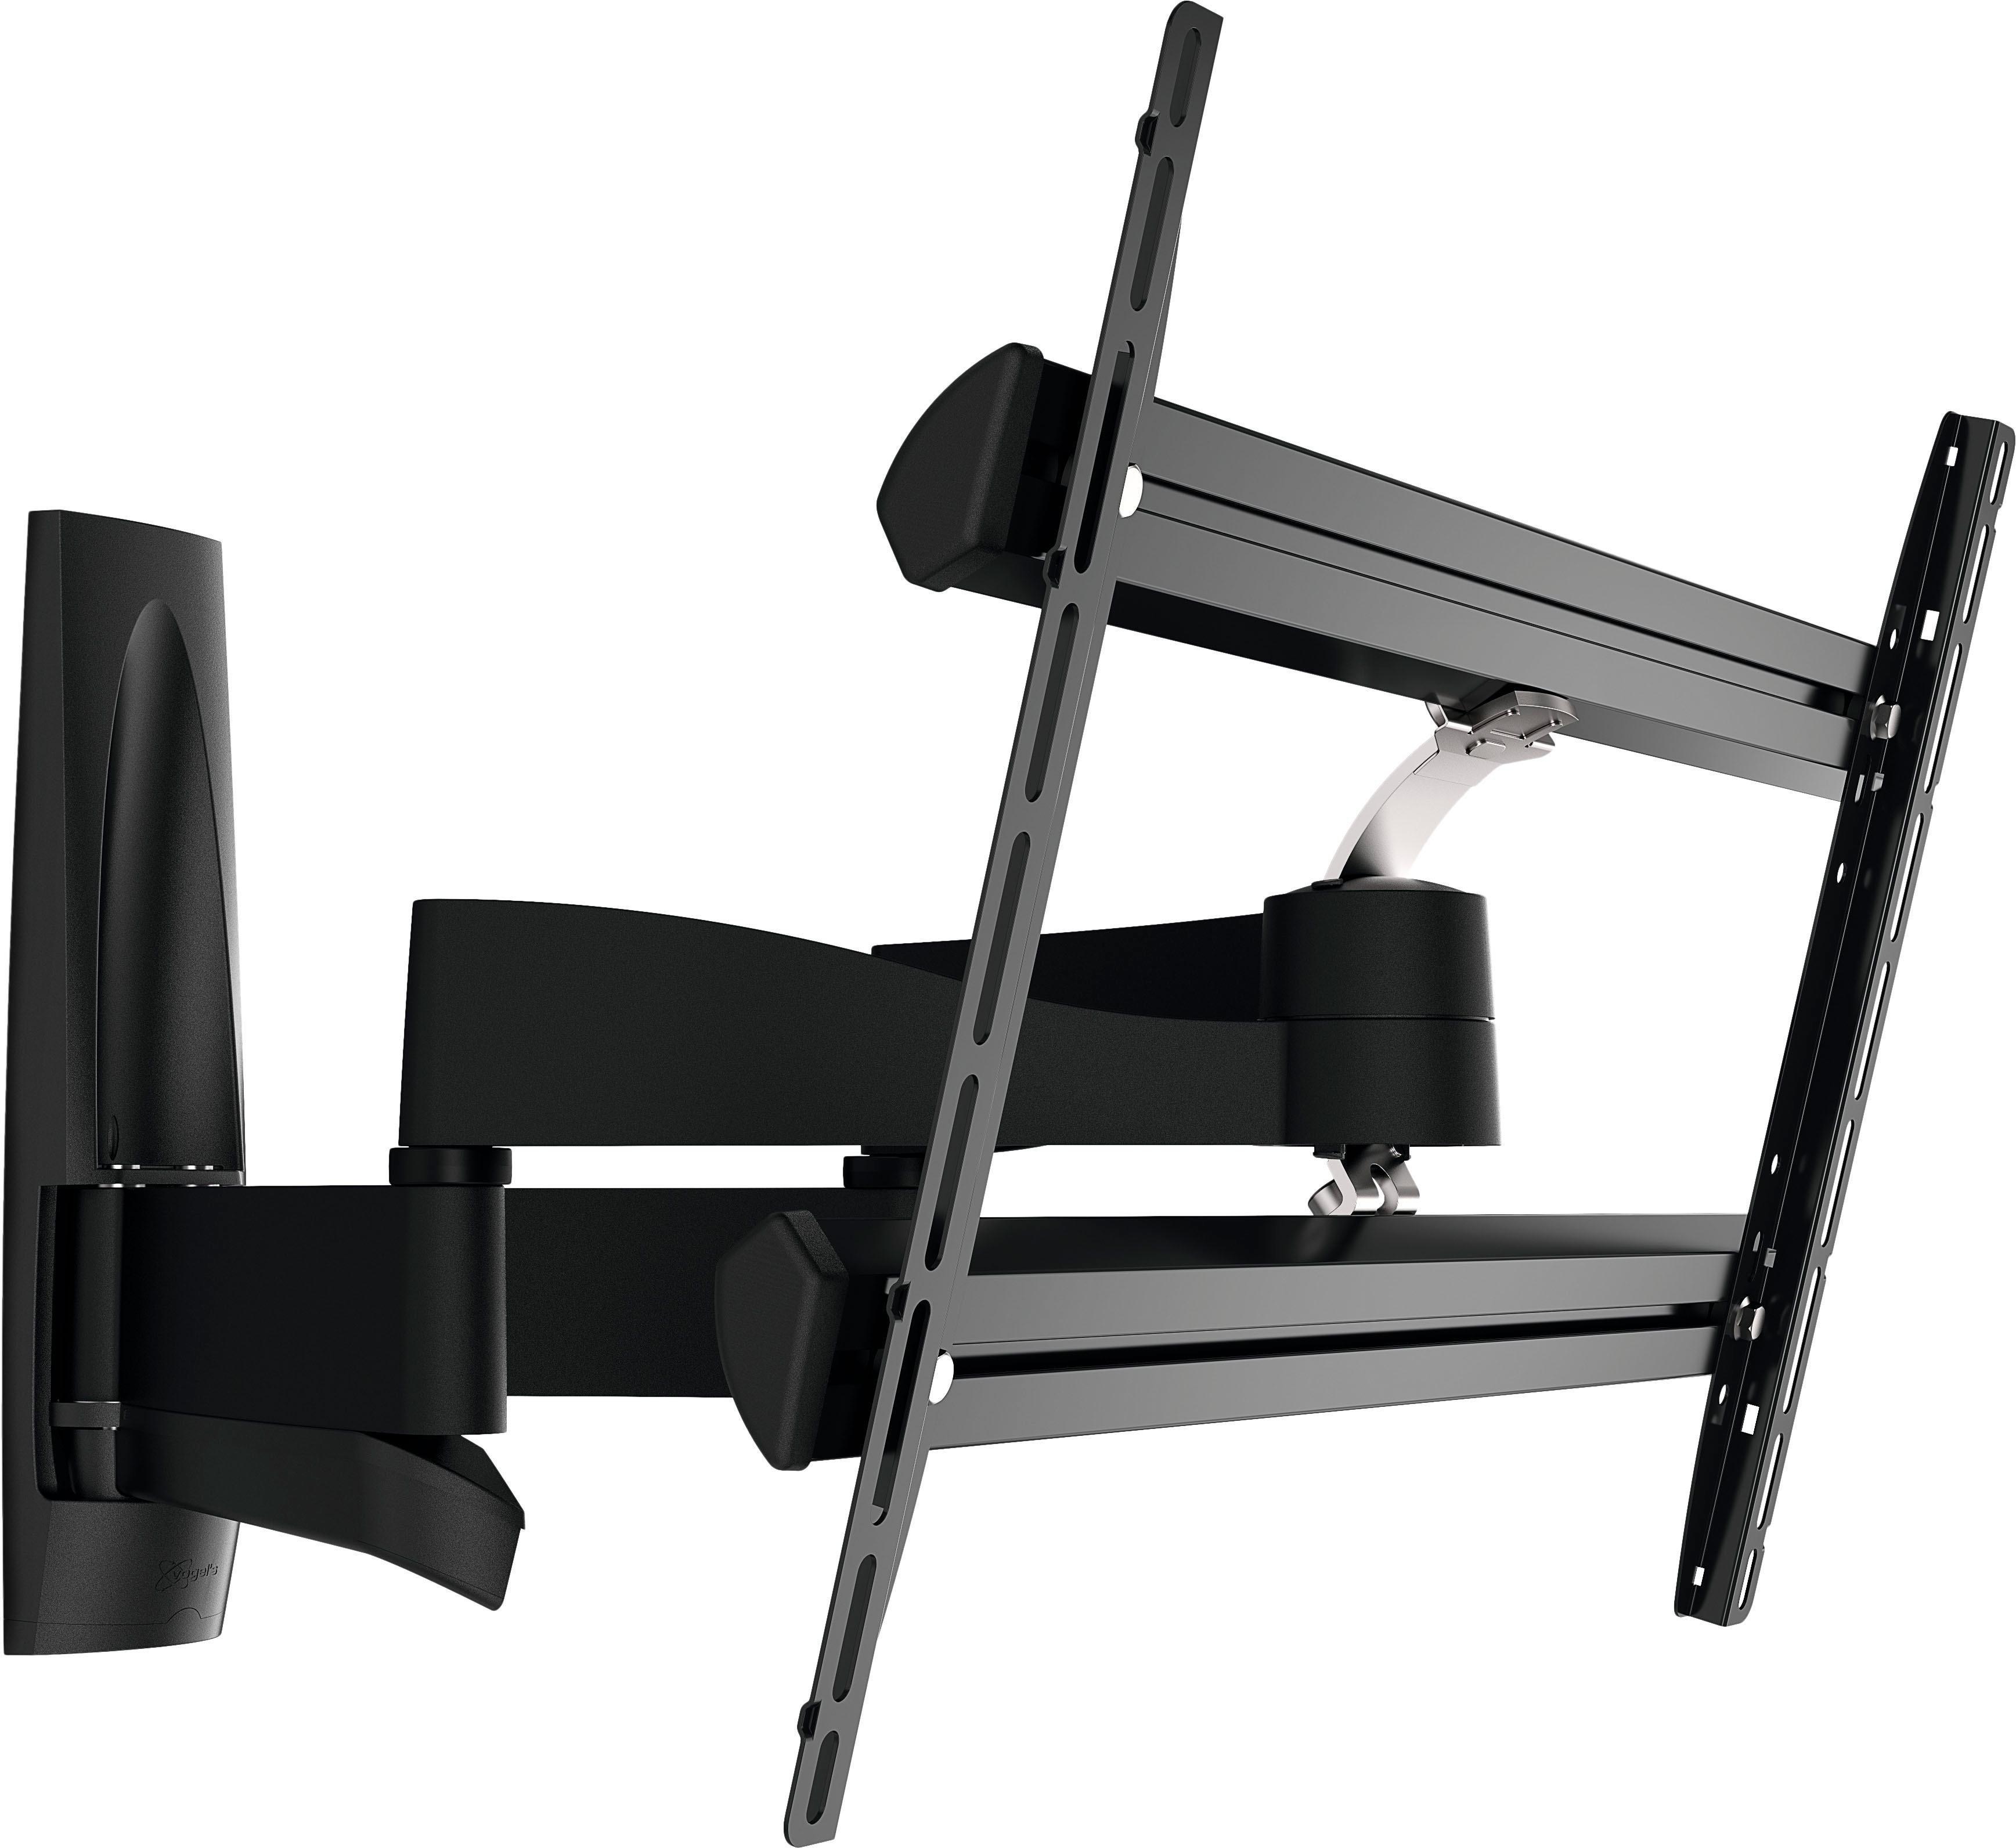 TV Wandhalterung »WALL 3350« Schwenkbar, Für 102 165 Cm (40